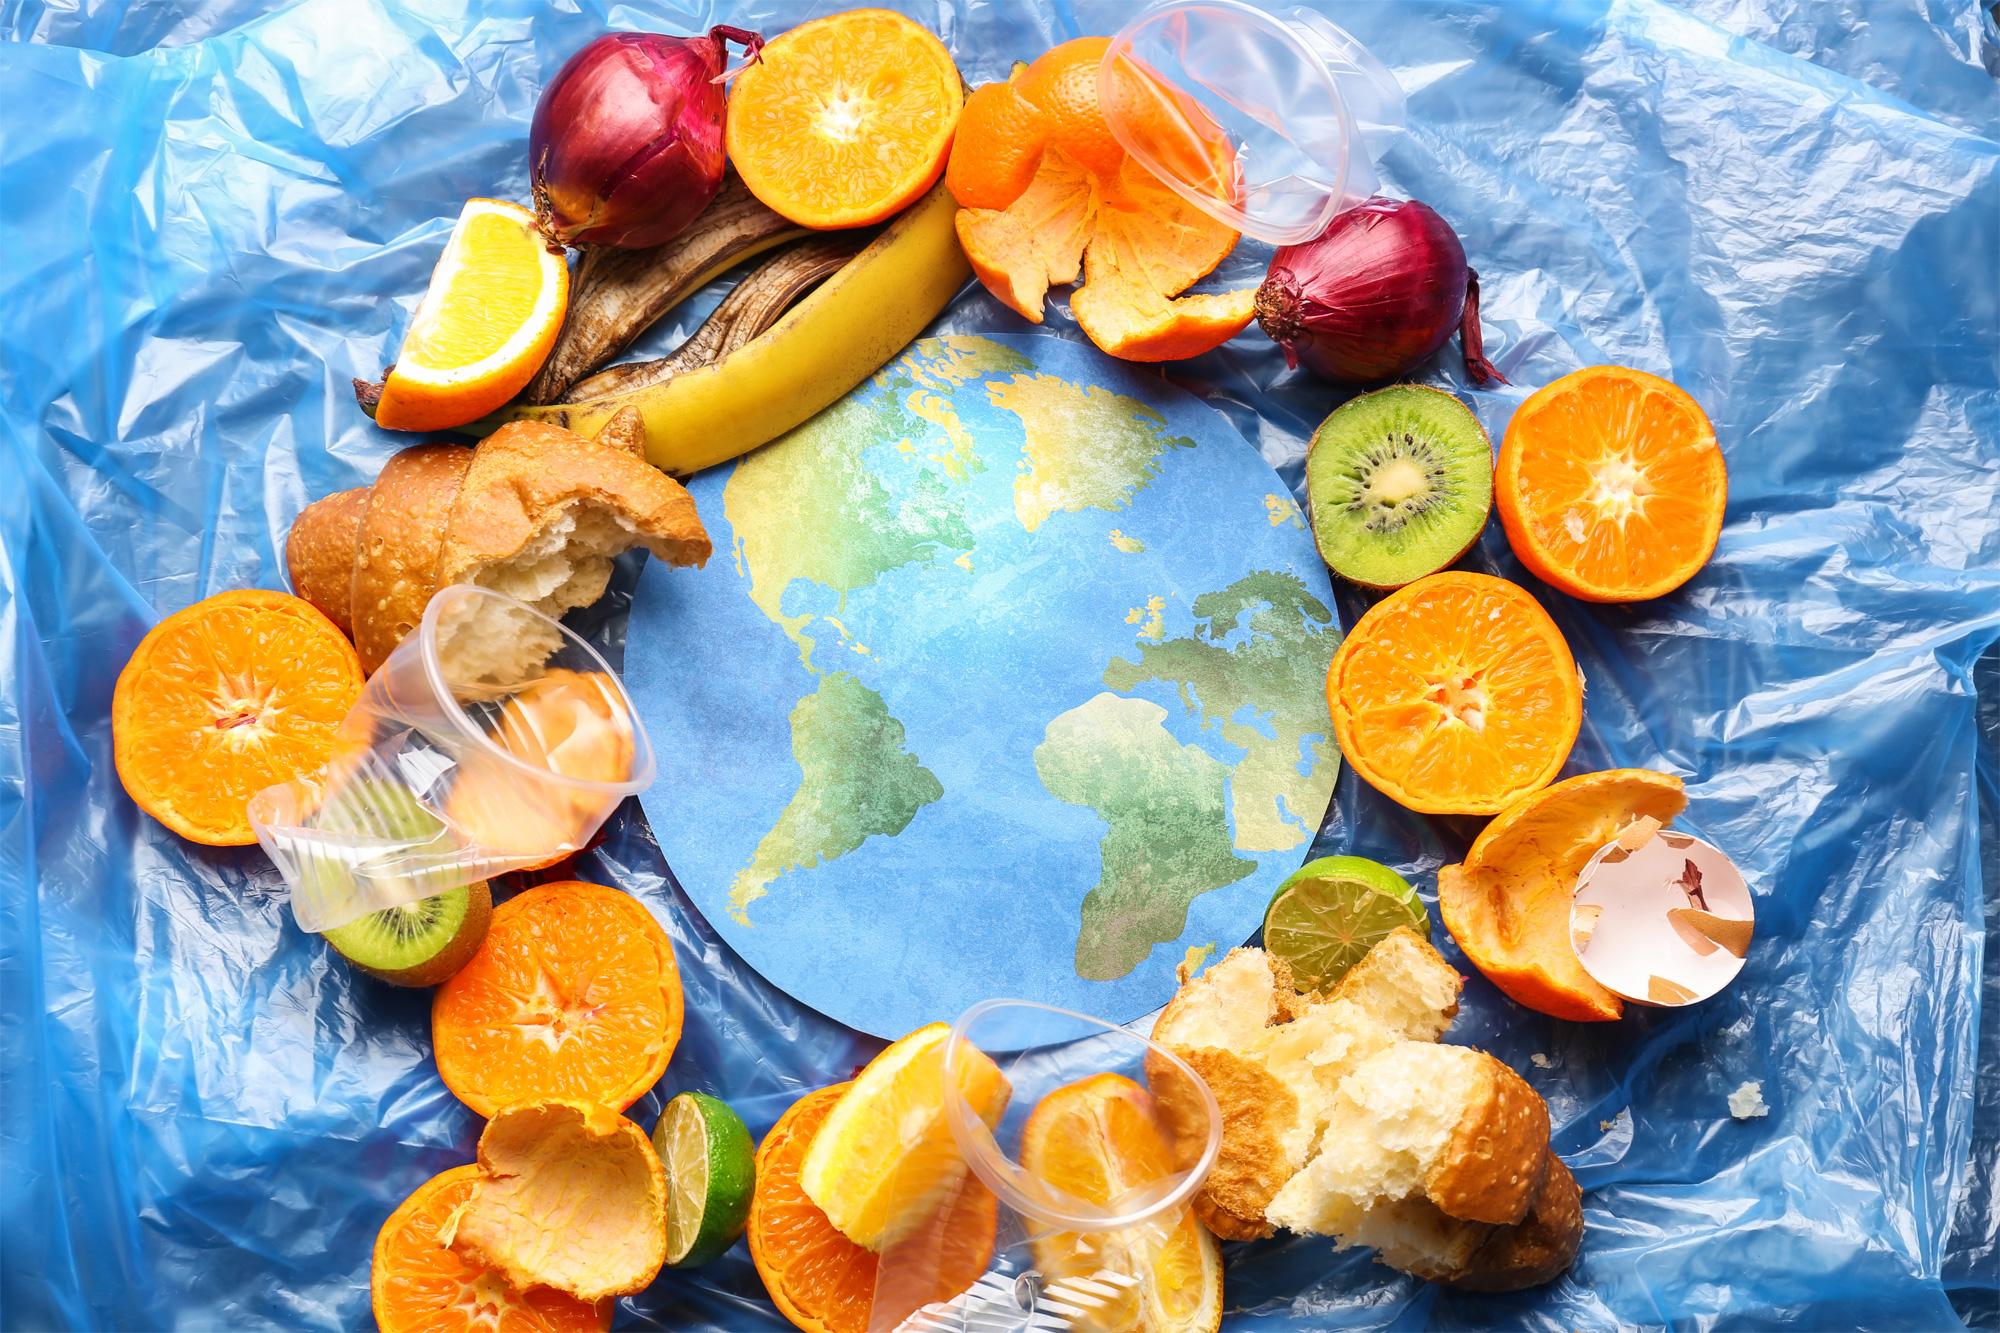 Réduire le gaspillage alimentaire : le triptyque magique